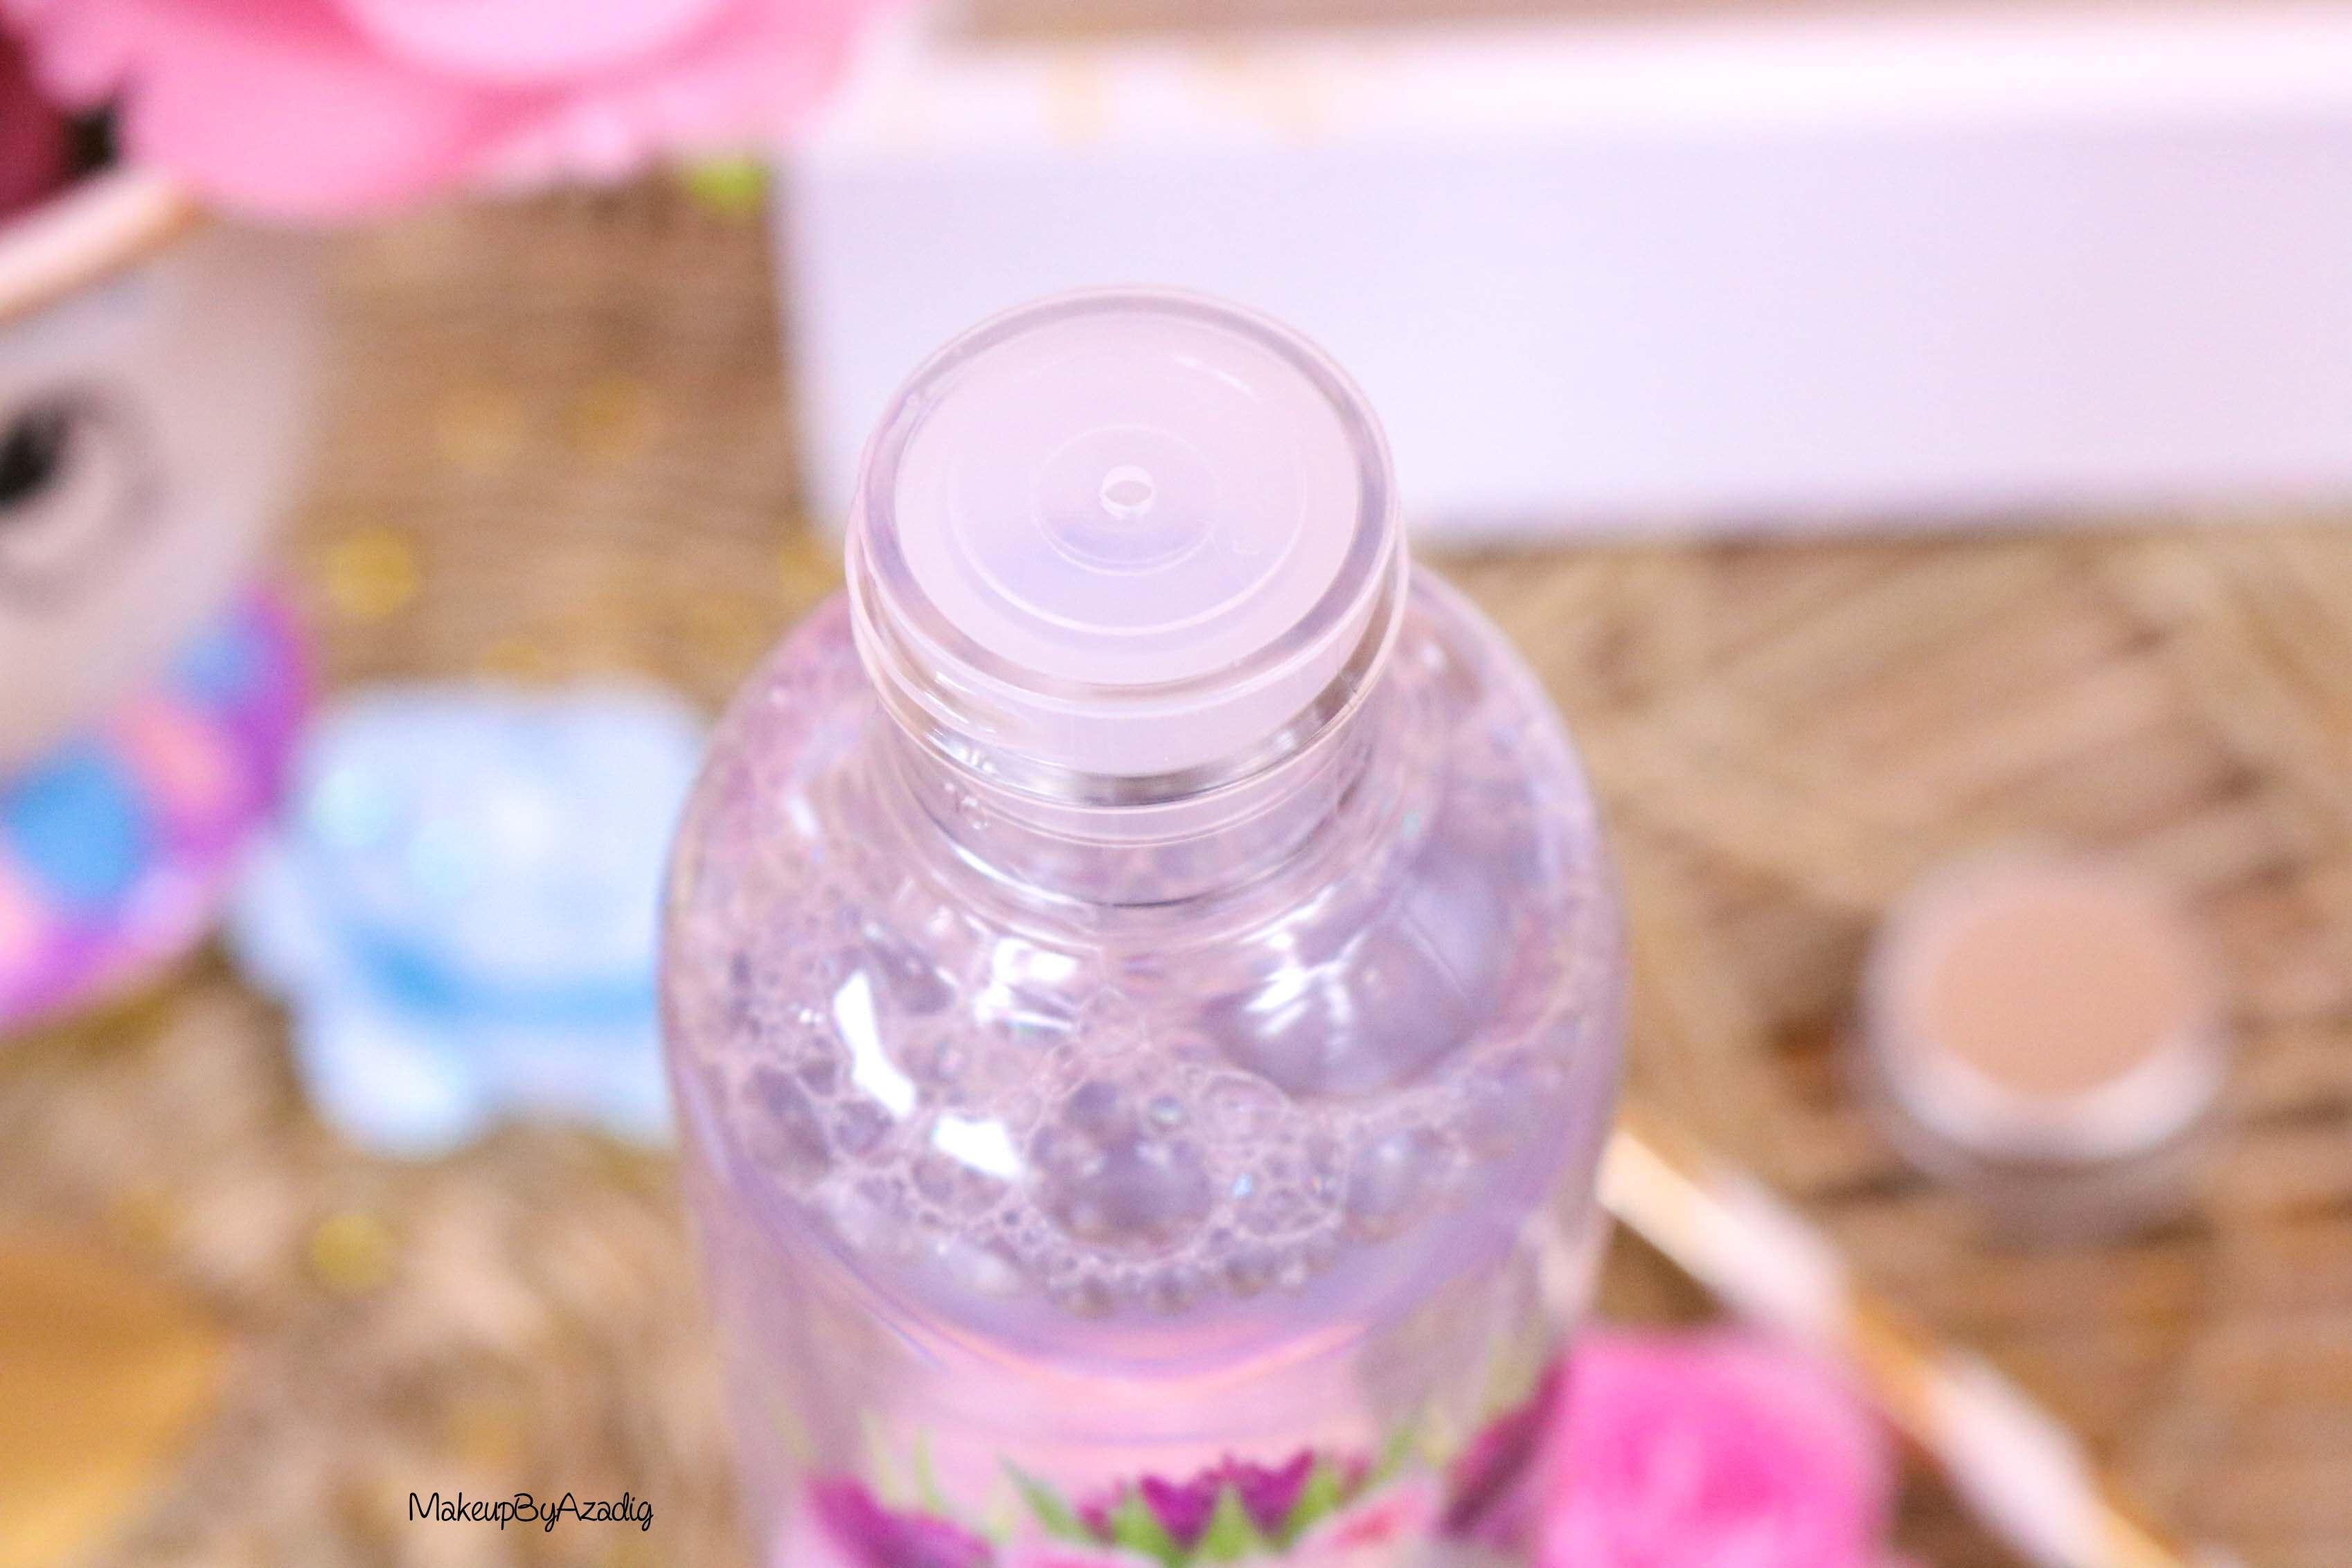 revue-eau-micellaire-peau-sensible-cosmetique-bio-fleurance-nature-makeupbyazadig-florale-bleuet-prix-avis-embout